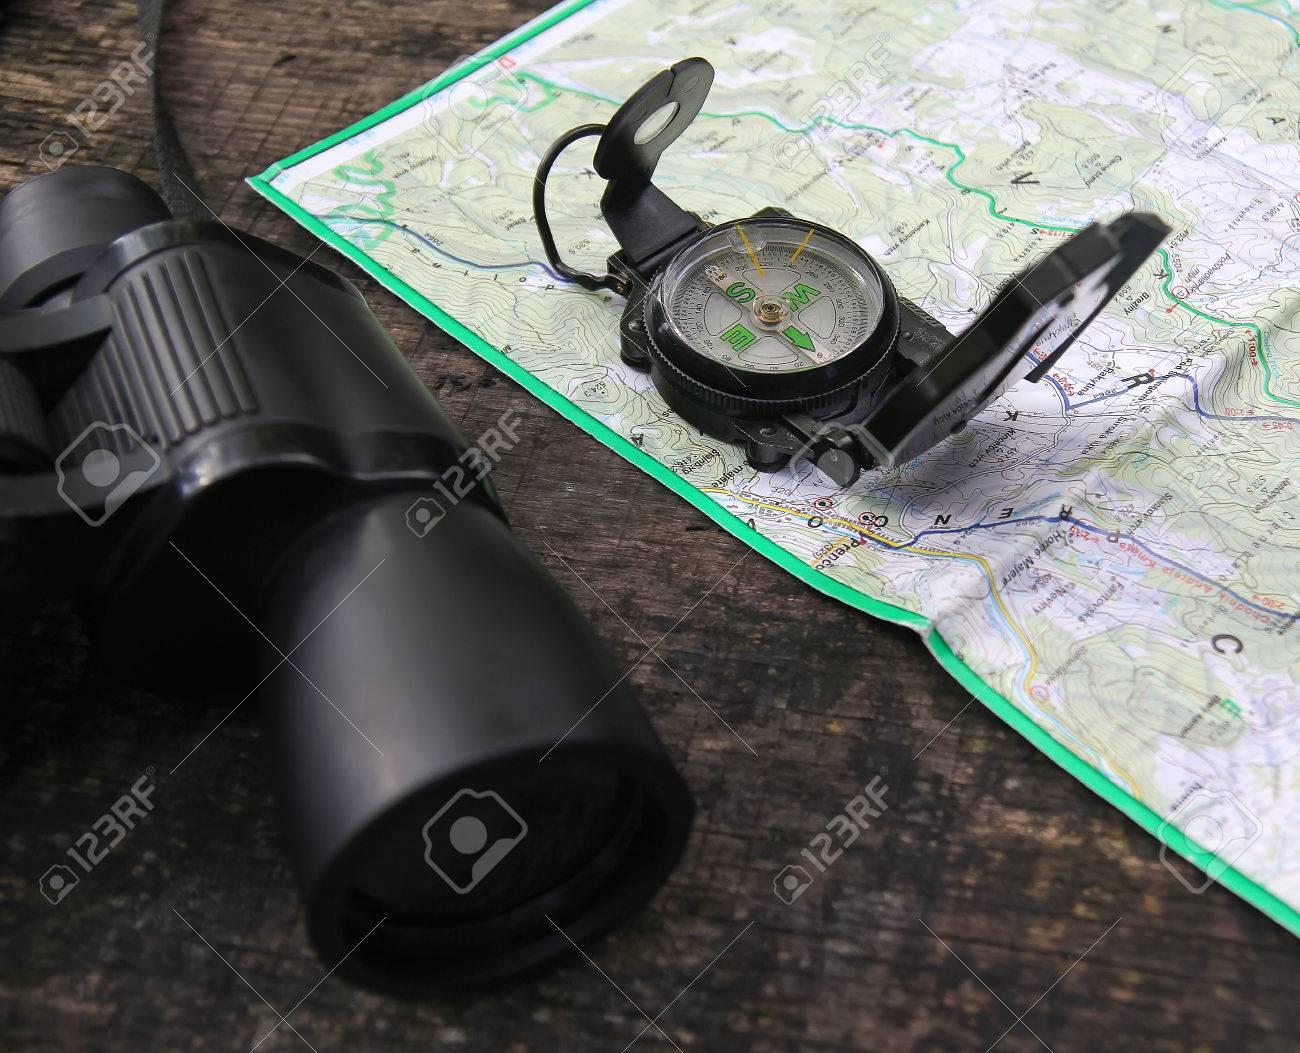 Ferngläser und ein kompass auf der karte in der natur während